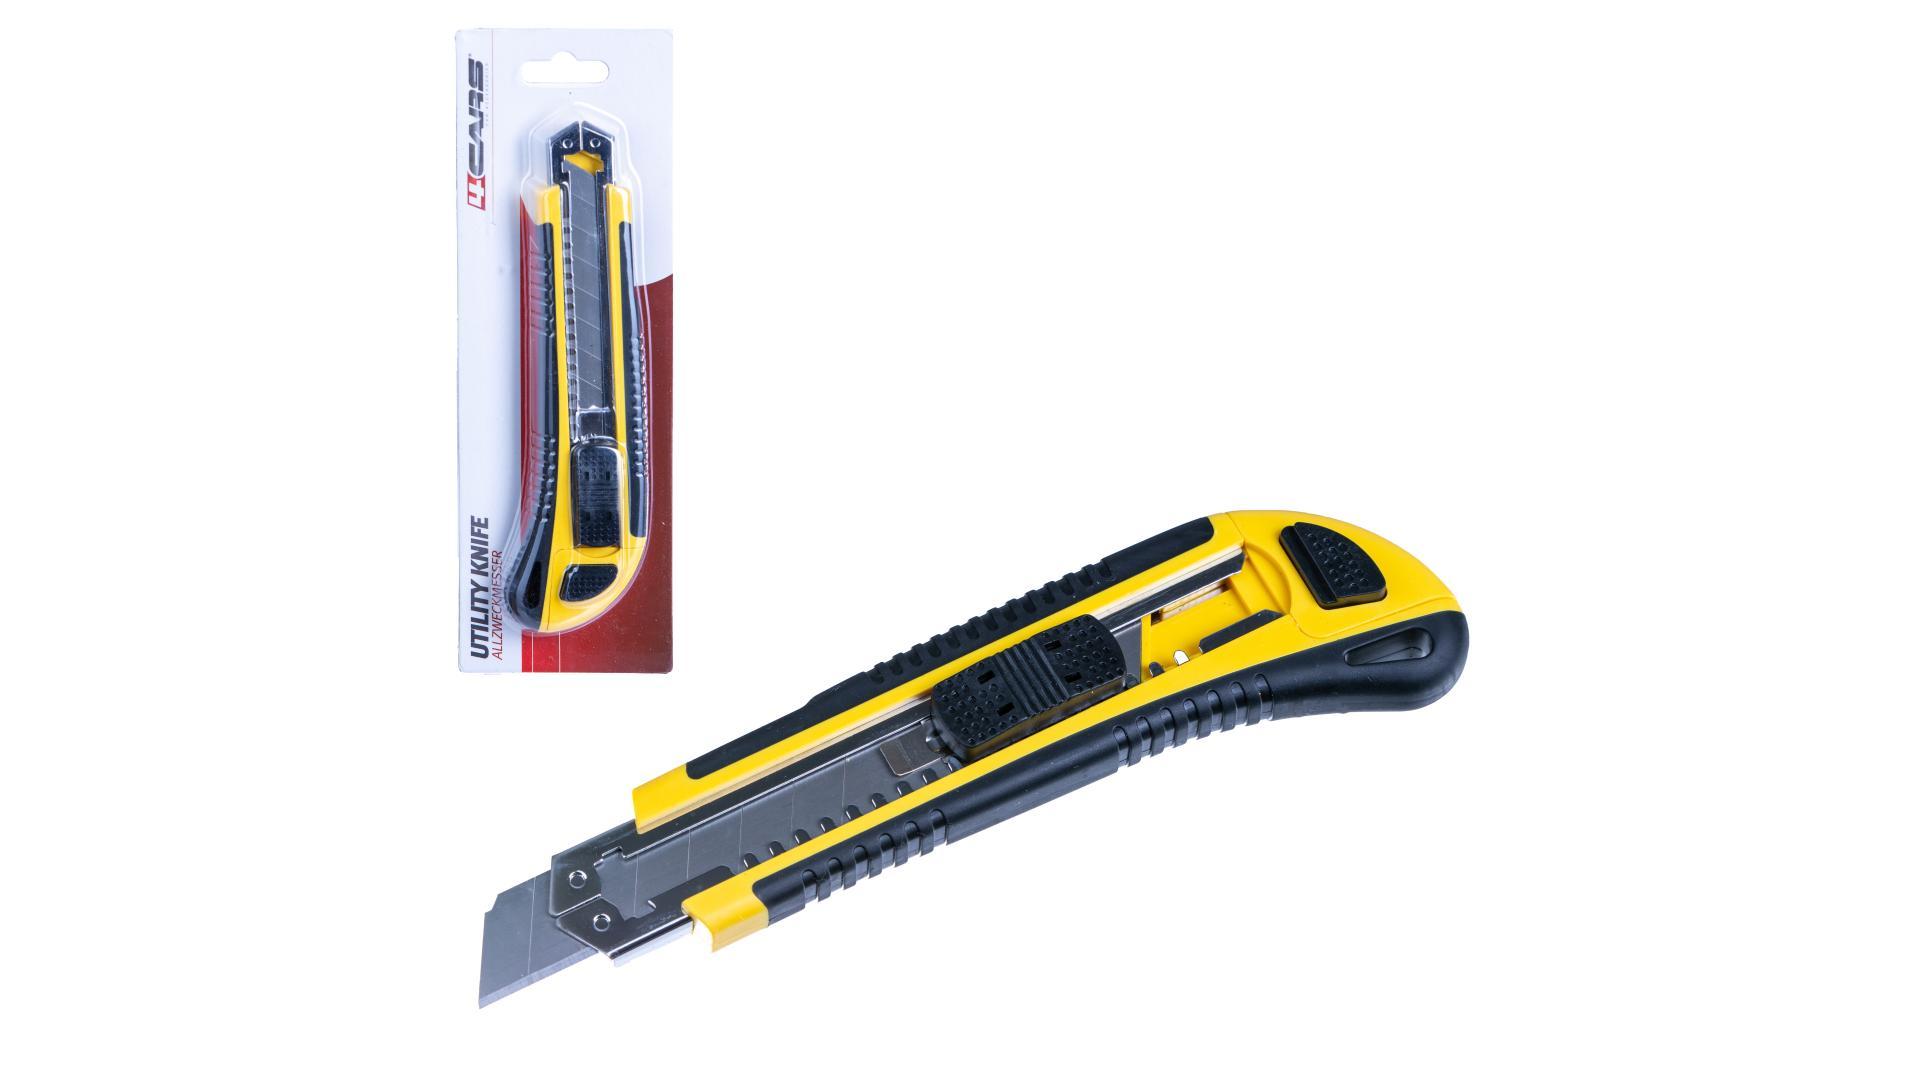 4CARS Profesionálny vylamovací nôž